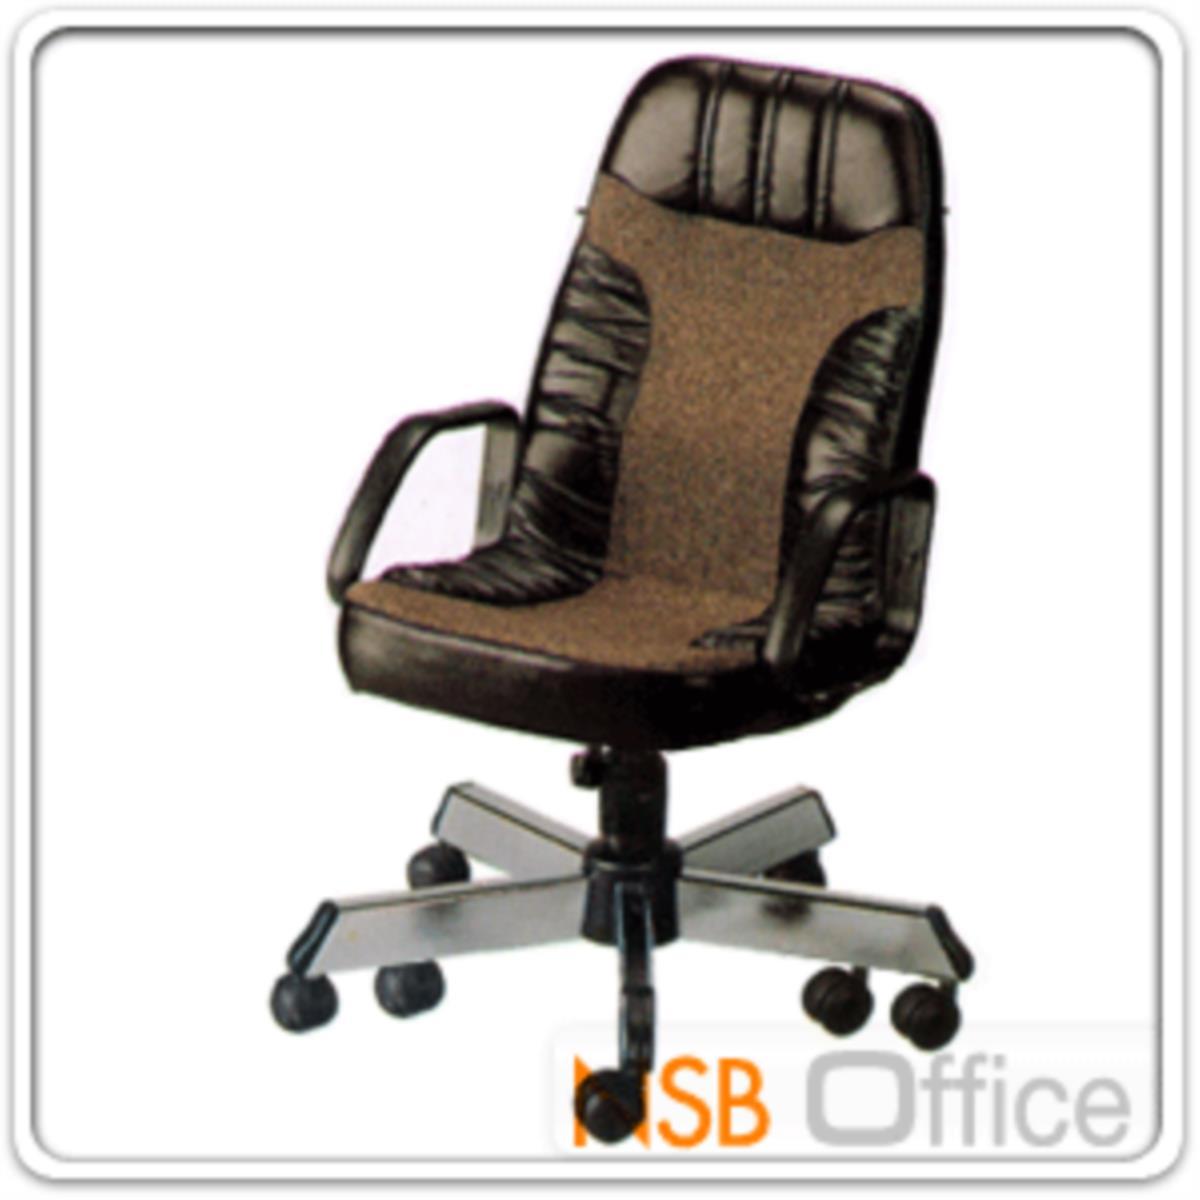 เก้าอี้สำนักงาน รุ่น Destinies  ขาเหล็ก 10 ล้อ